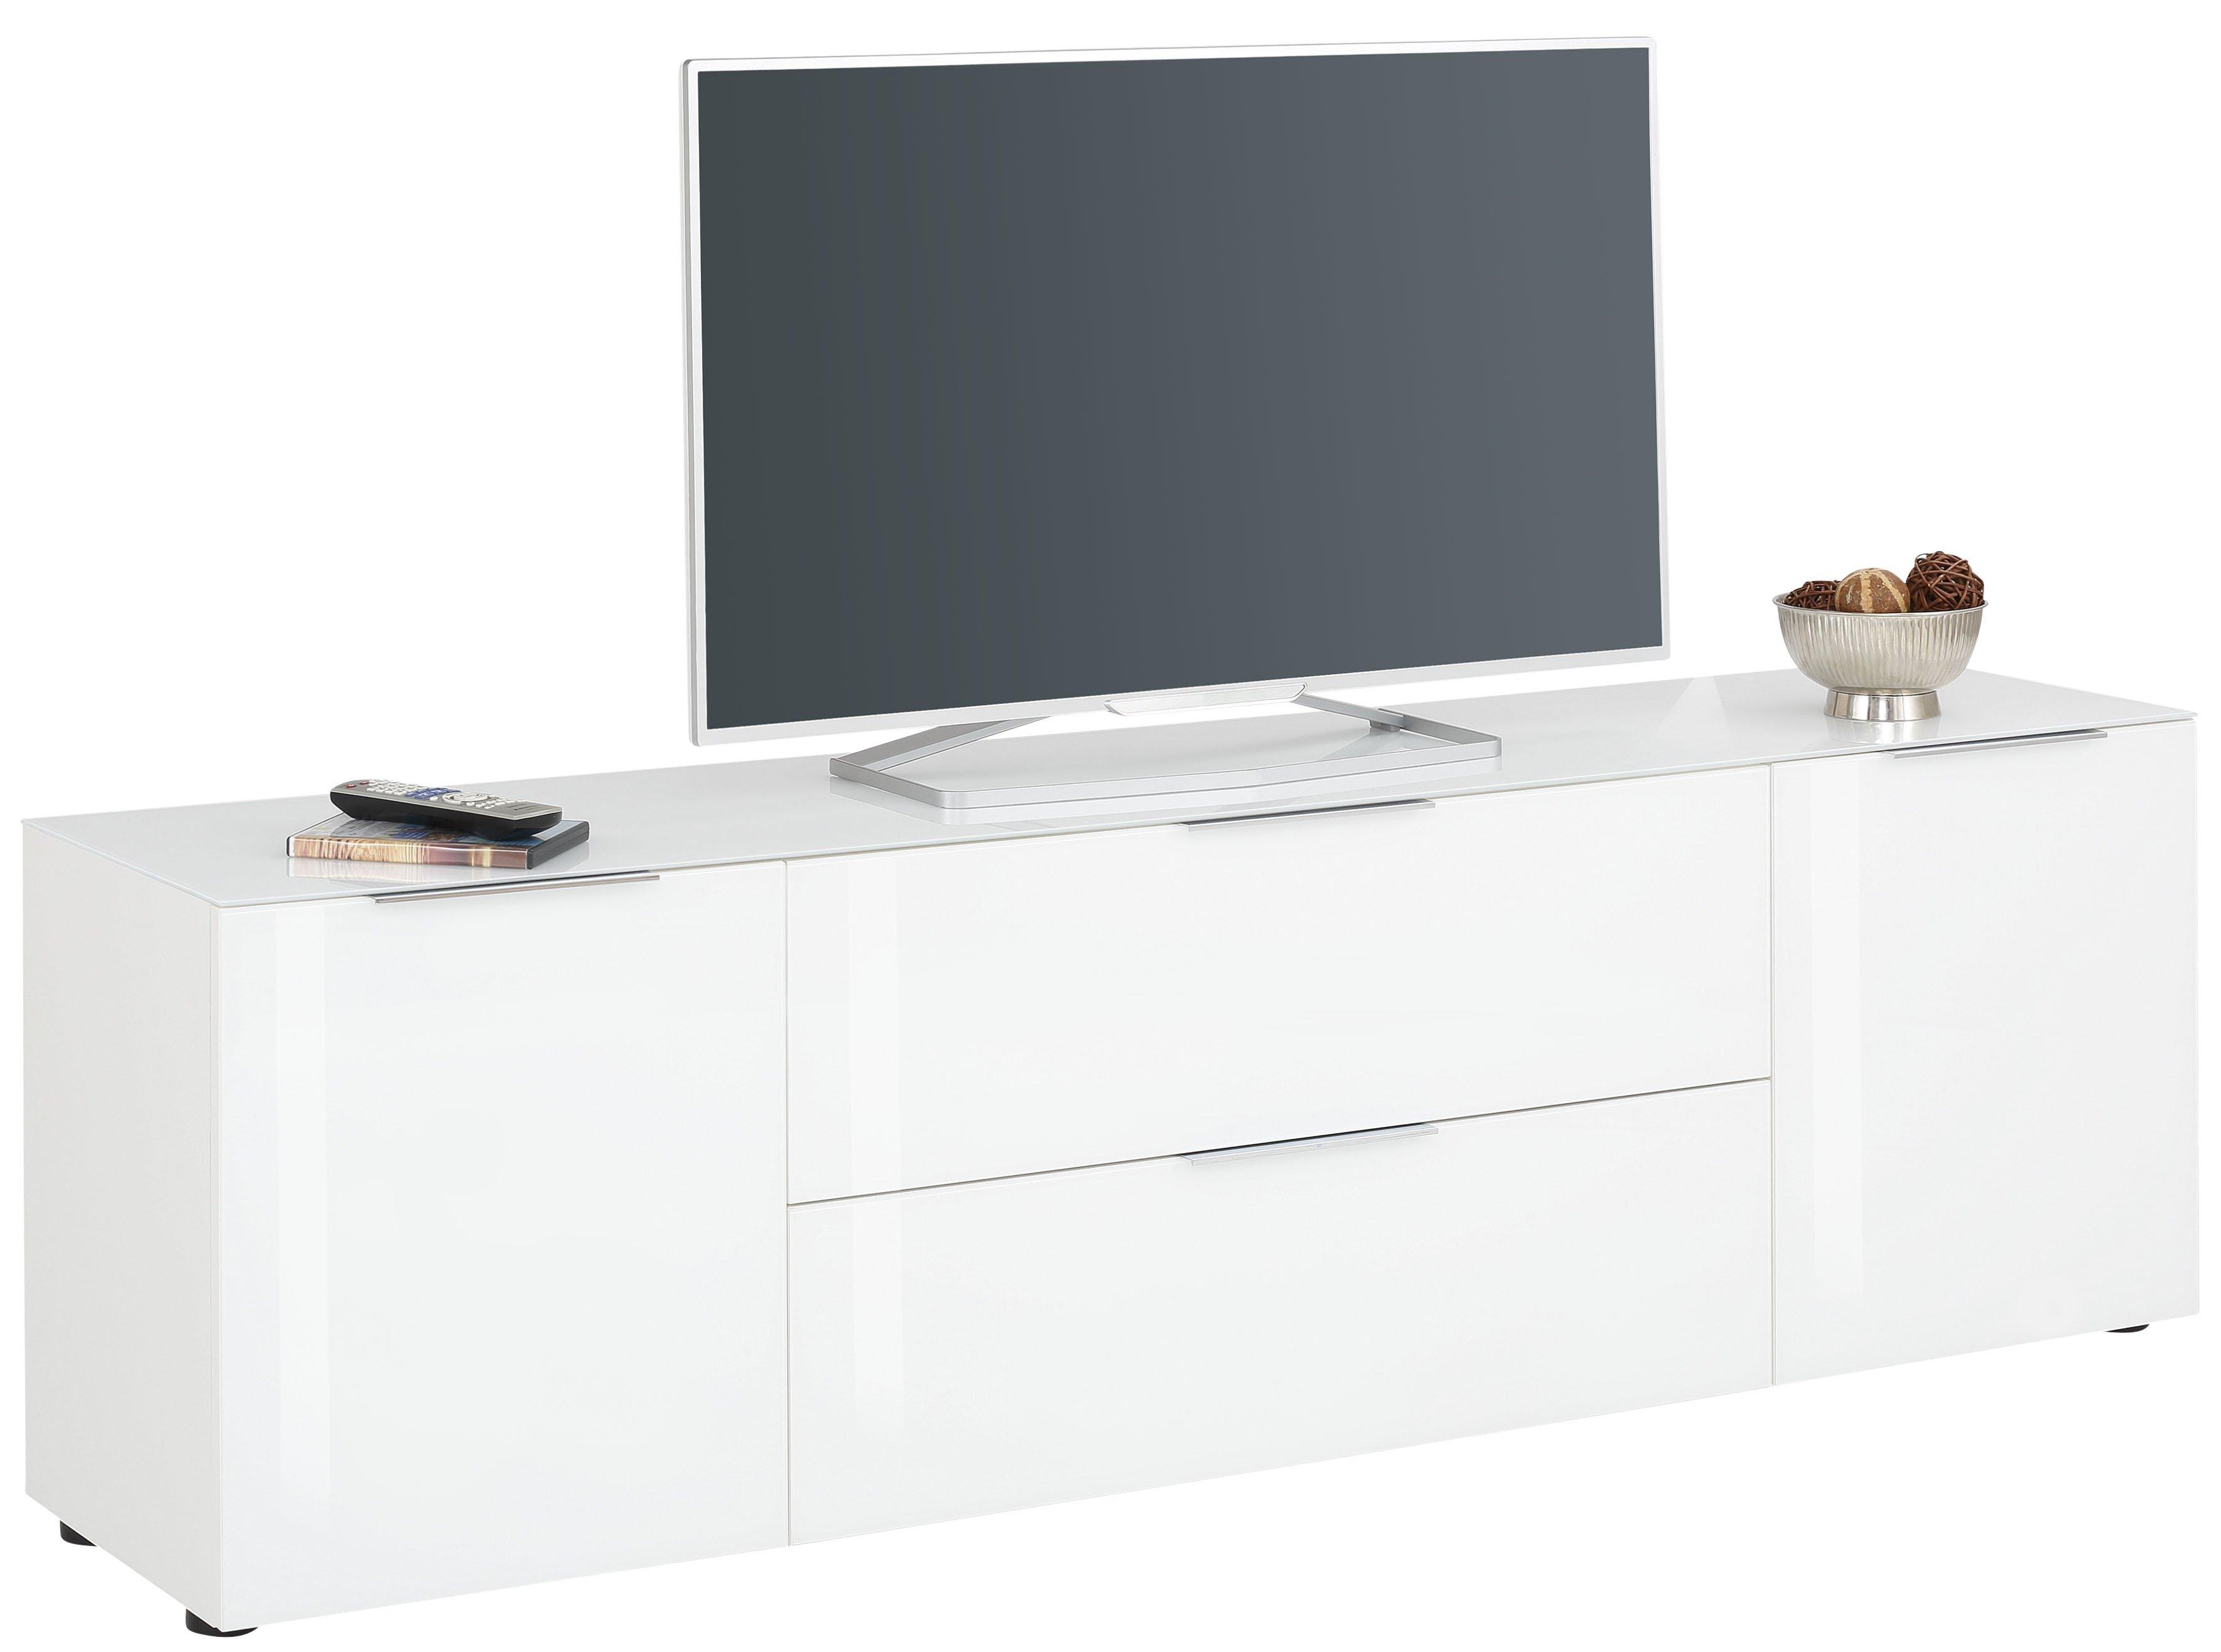 Lowboard weiß matt - Weißglas